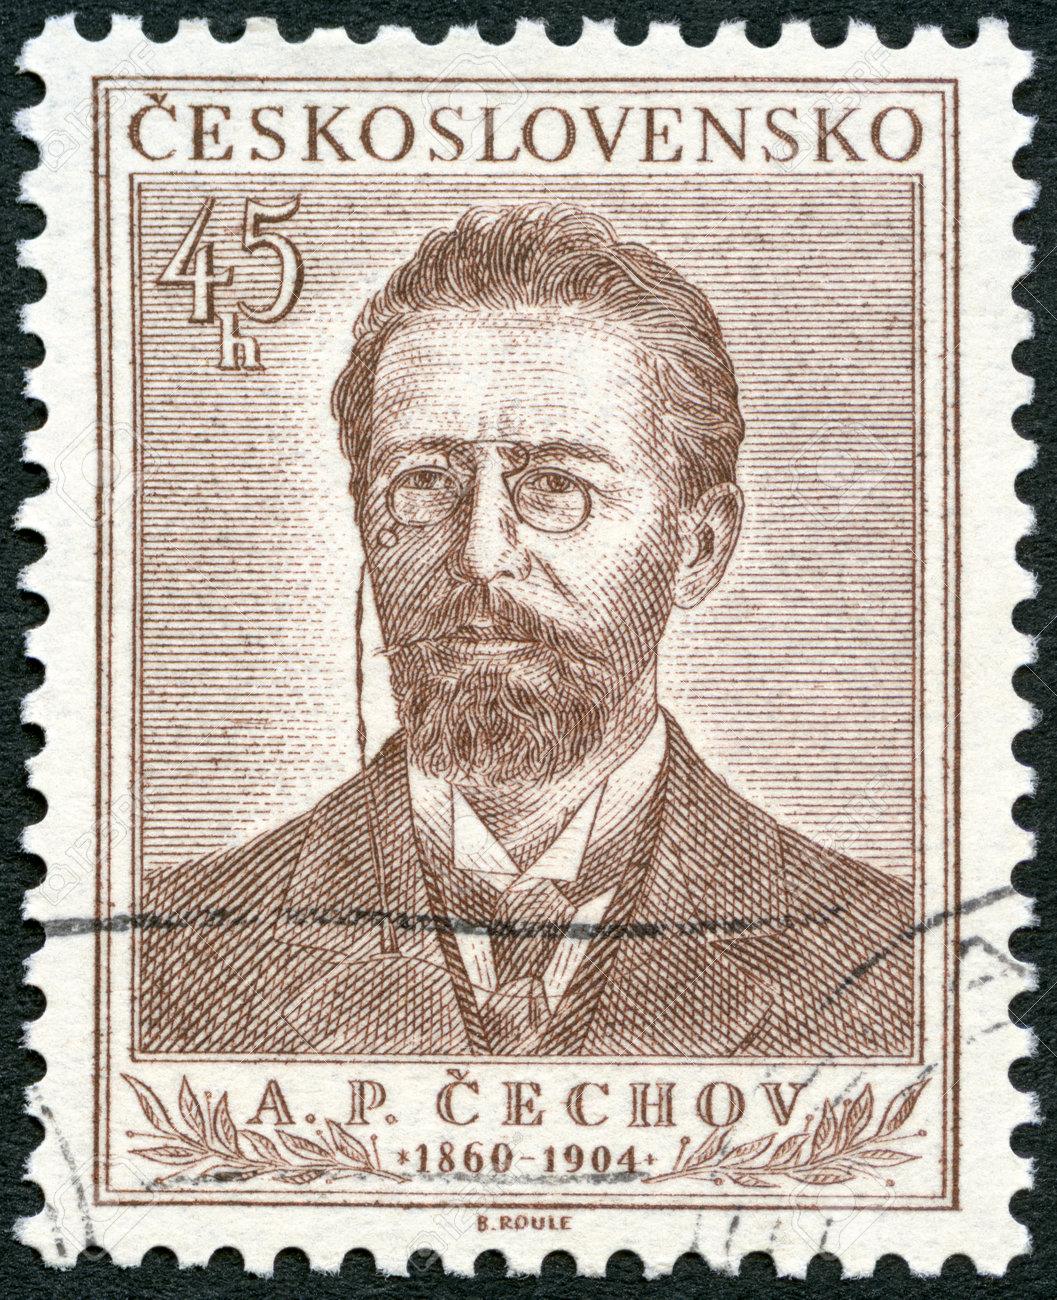 CZECHOSLOVAKIA - CIRCA 1954: A stamp printed in Czechoslovakia shows Anton Pavlovich Chekhov (1860-1904), circa 1954 Stock Photo - 22541009